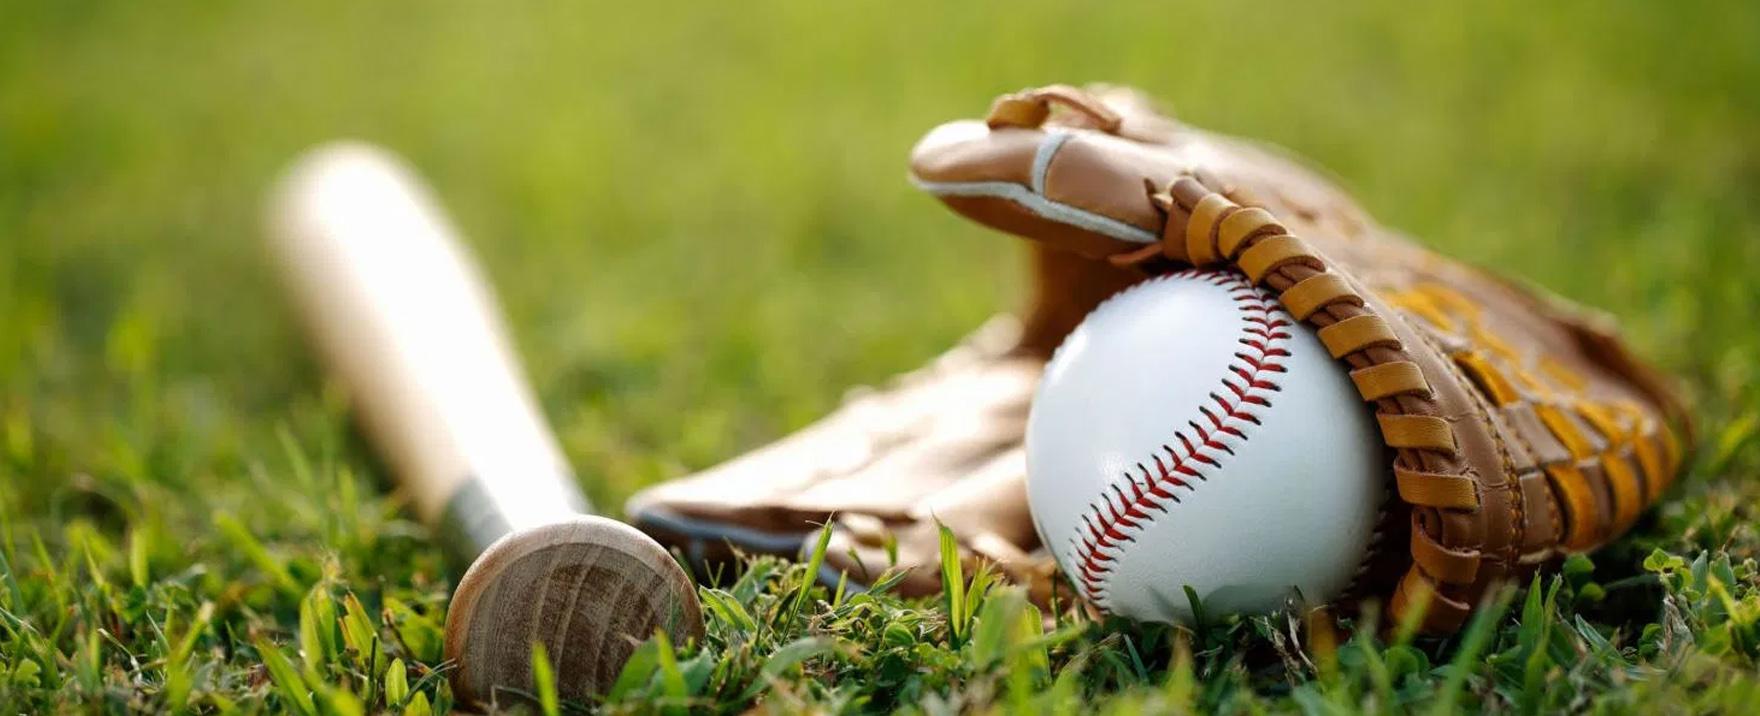 Béisbol #YoSoyHistorio